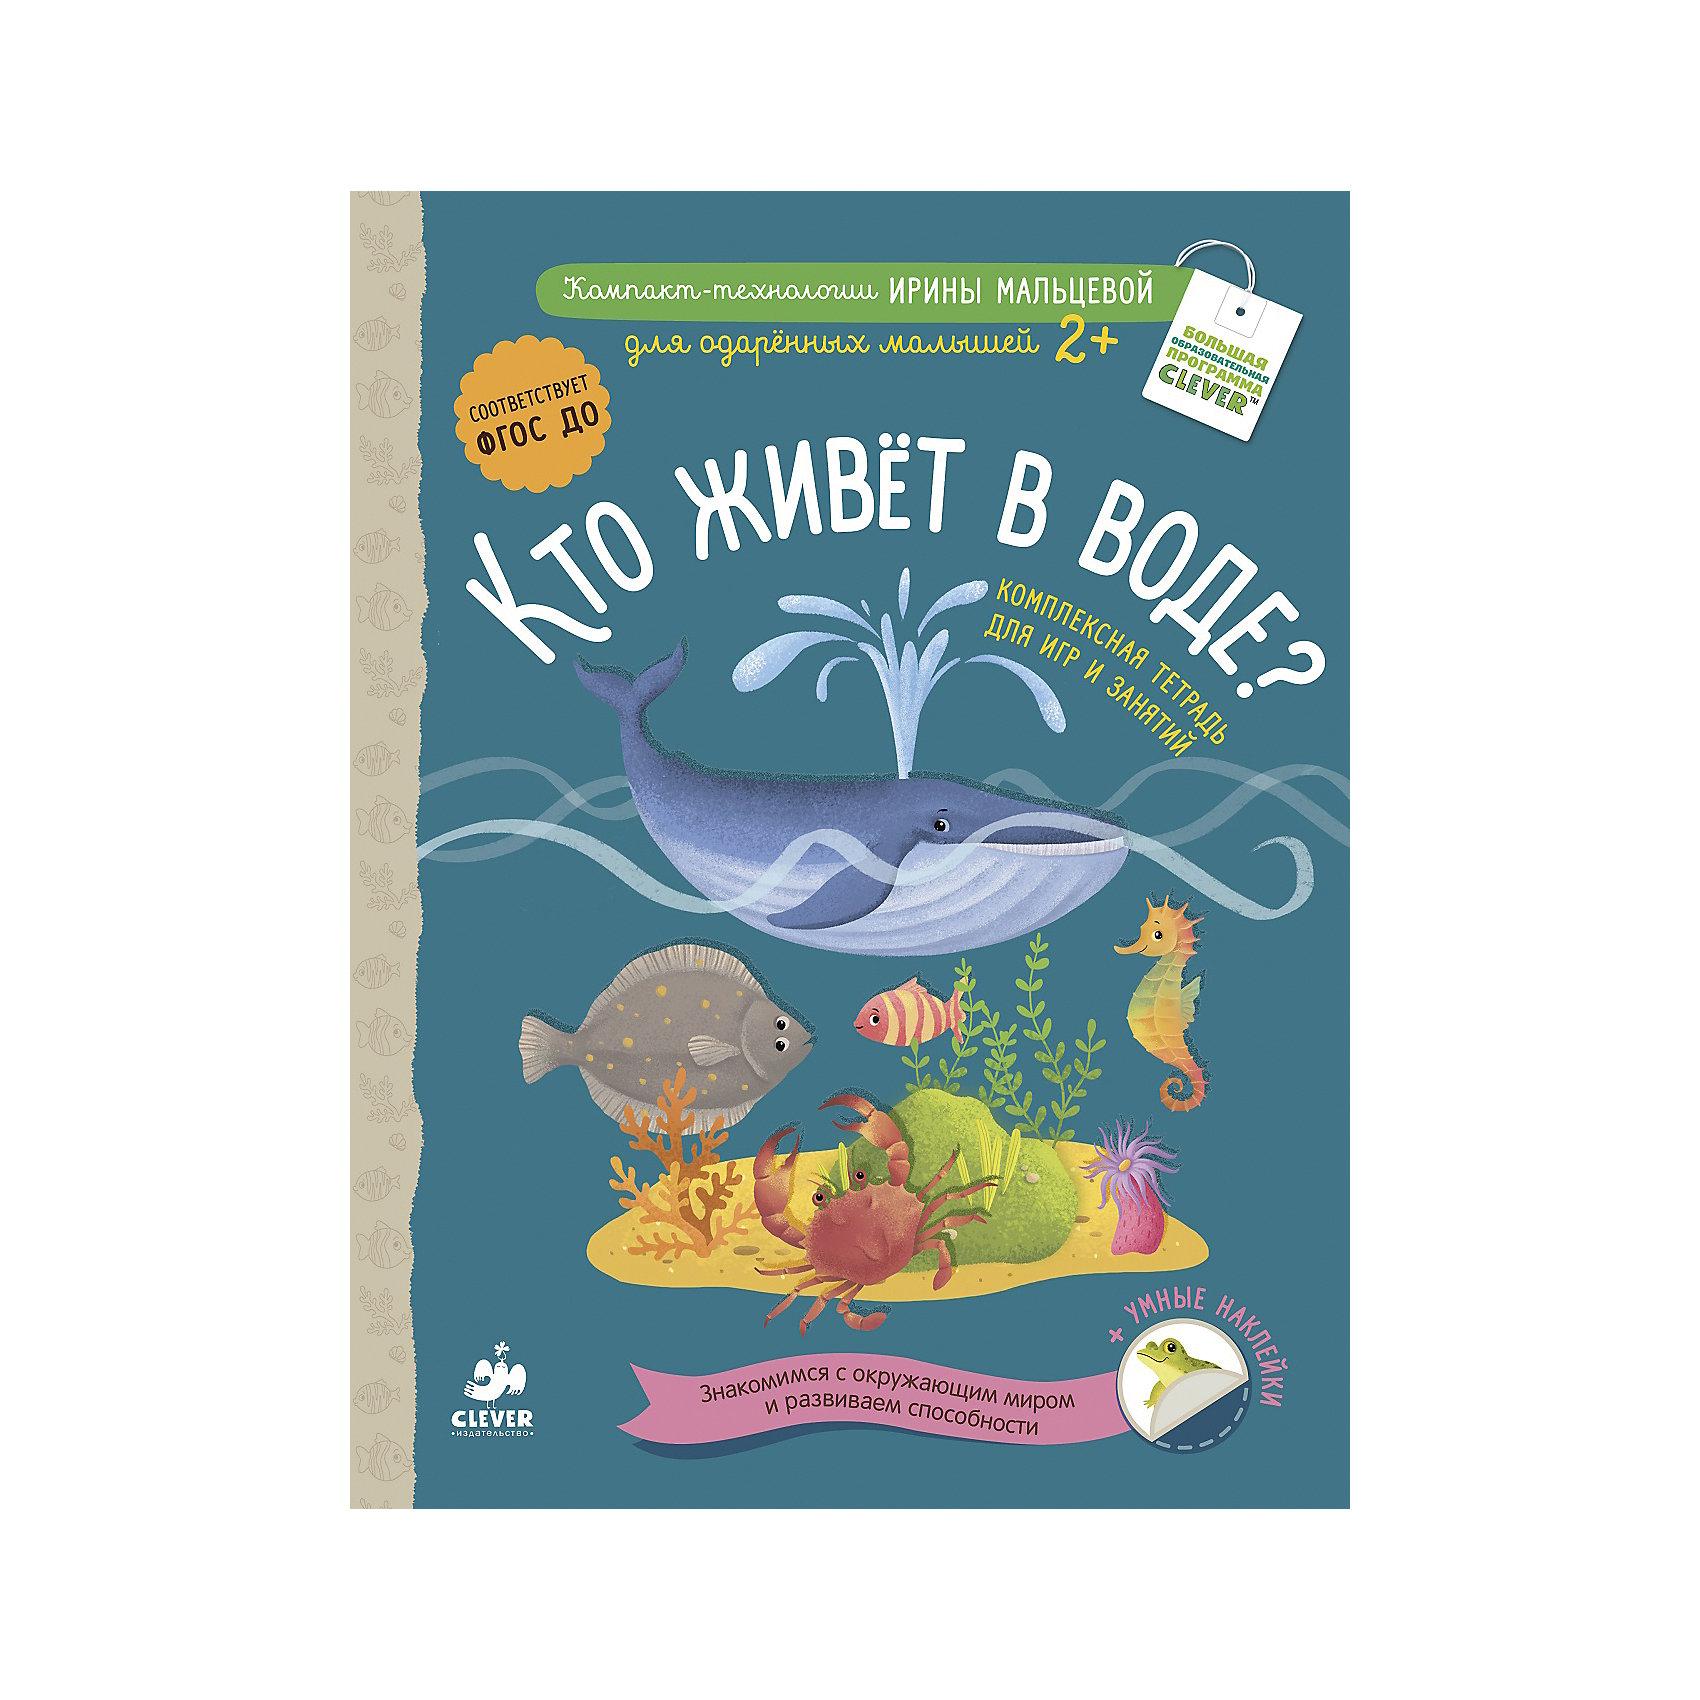 Кто живёт в воде? Комплексная тетрадь для игр и занятий, И. МальцеваТесты и задания<br>Кто живёт в воде? Комплексная тетрадь для игр и занятий, И. Мальцева<br><br>Характеристики:<br><br>• ISBN: 978-5-906899-64-4<br>• Кол-во страниц: 32<br>• Возраст: от 2 лет<br>• Формат: а4<br>• Размер книги: 289x219x2 мм<br>• Бумага: офсет<br>• Вес: 130 г<br>• Обложка: мягкая<br><br>Ирина Владимировна Мальцева - опытный действующий педагог-психолог, методист, разработчик образовательных программ и автор более сотни книг, в том числе популярной методики Компакт-технологии. Эта комплексная тетрадь позволит ребенку познакомиться с окружающим миром, а так же в увлекательной игровой форме развивать свои способности. В книжке приведено множество заданий, которые научат ребенка думать, рассуждать, развивать мелкую моторику, сравнивать и анализировать. В книге так же есть красочные иллюстрации, наклейки и раскраски.<br><br>Кто живёт в воде? Комплексная тетрадь для игр и занятий, И. Мальцева можно купить в нашем интернет-магазине.<br><br>Ширина мм: 290<br>Глубина мм: 220<br>Высота мм: 5<br>Вес г: 130<br>Возраст от месяцев: 24<br>Возраст до месяцев: 2147483647<br>Пол: Унисекс<br>Возраст: Детский<br>SKU: 5377776